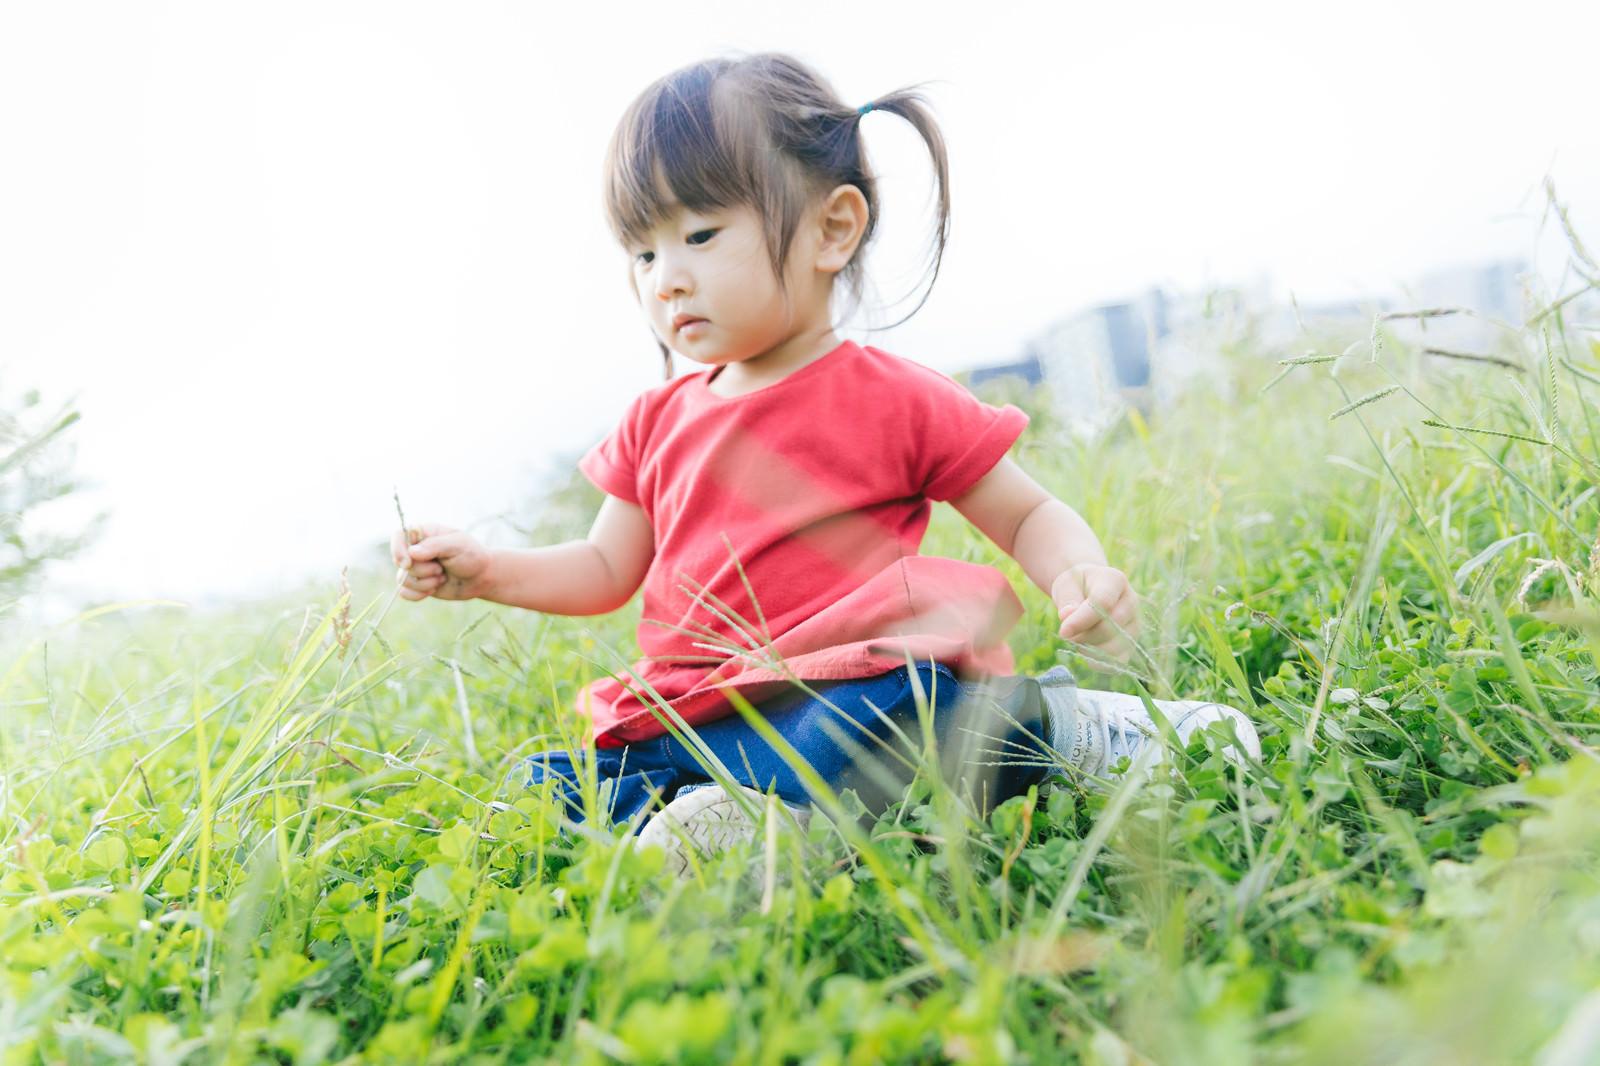 「草むらで遊ぶ小さい女の子草むらで遊ぶ小さい女の子」[モデル:あおみどり]のフリー写真素材を拡大